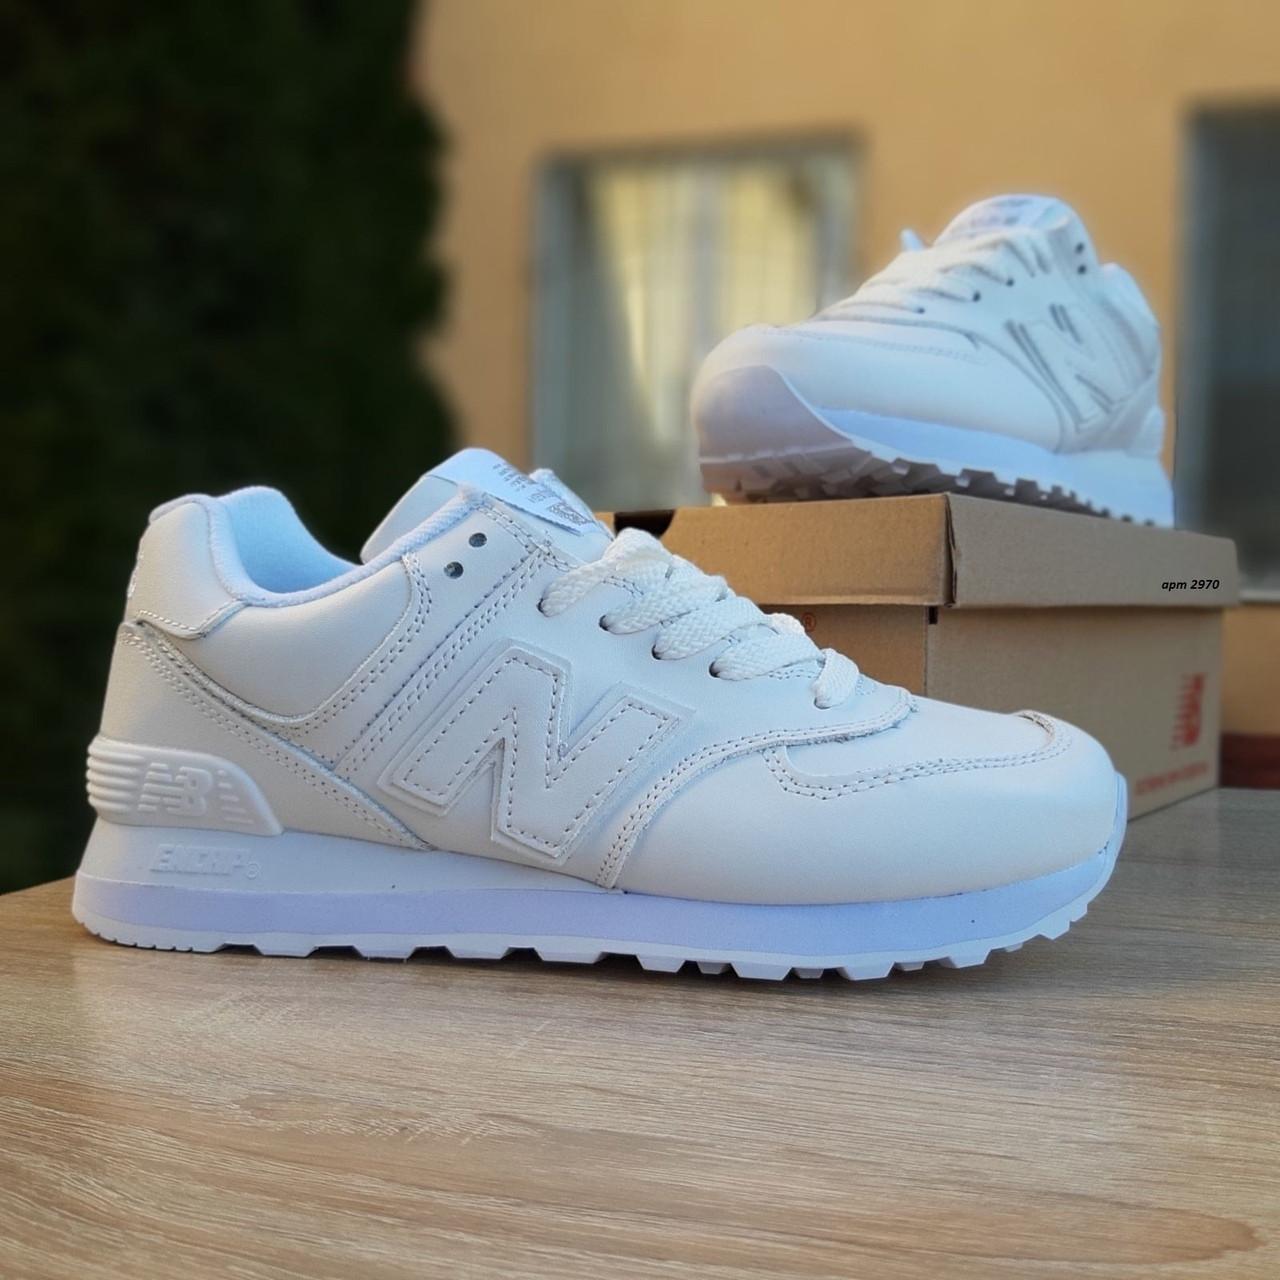 Женские кроссовки New Balance 574 (белые) 2970 демисезонная спортивная повседневная обувь